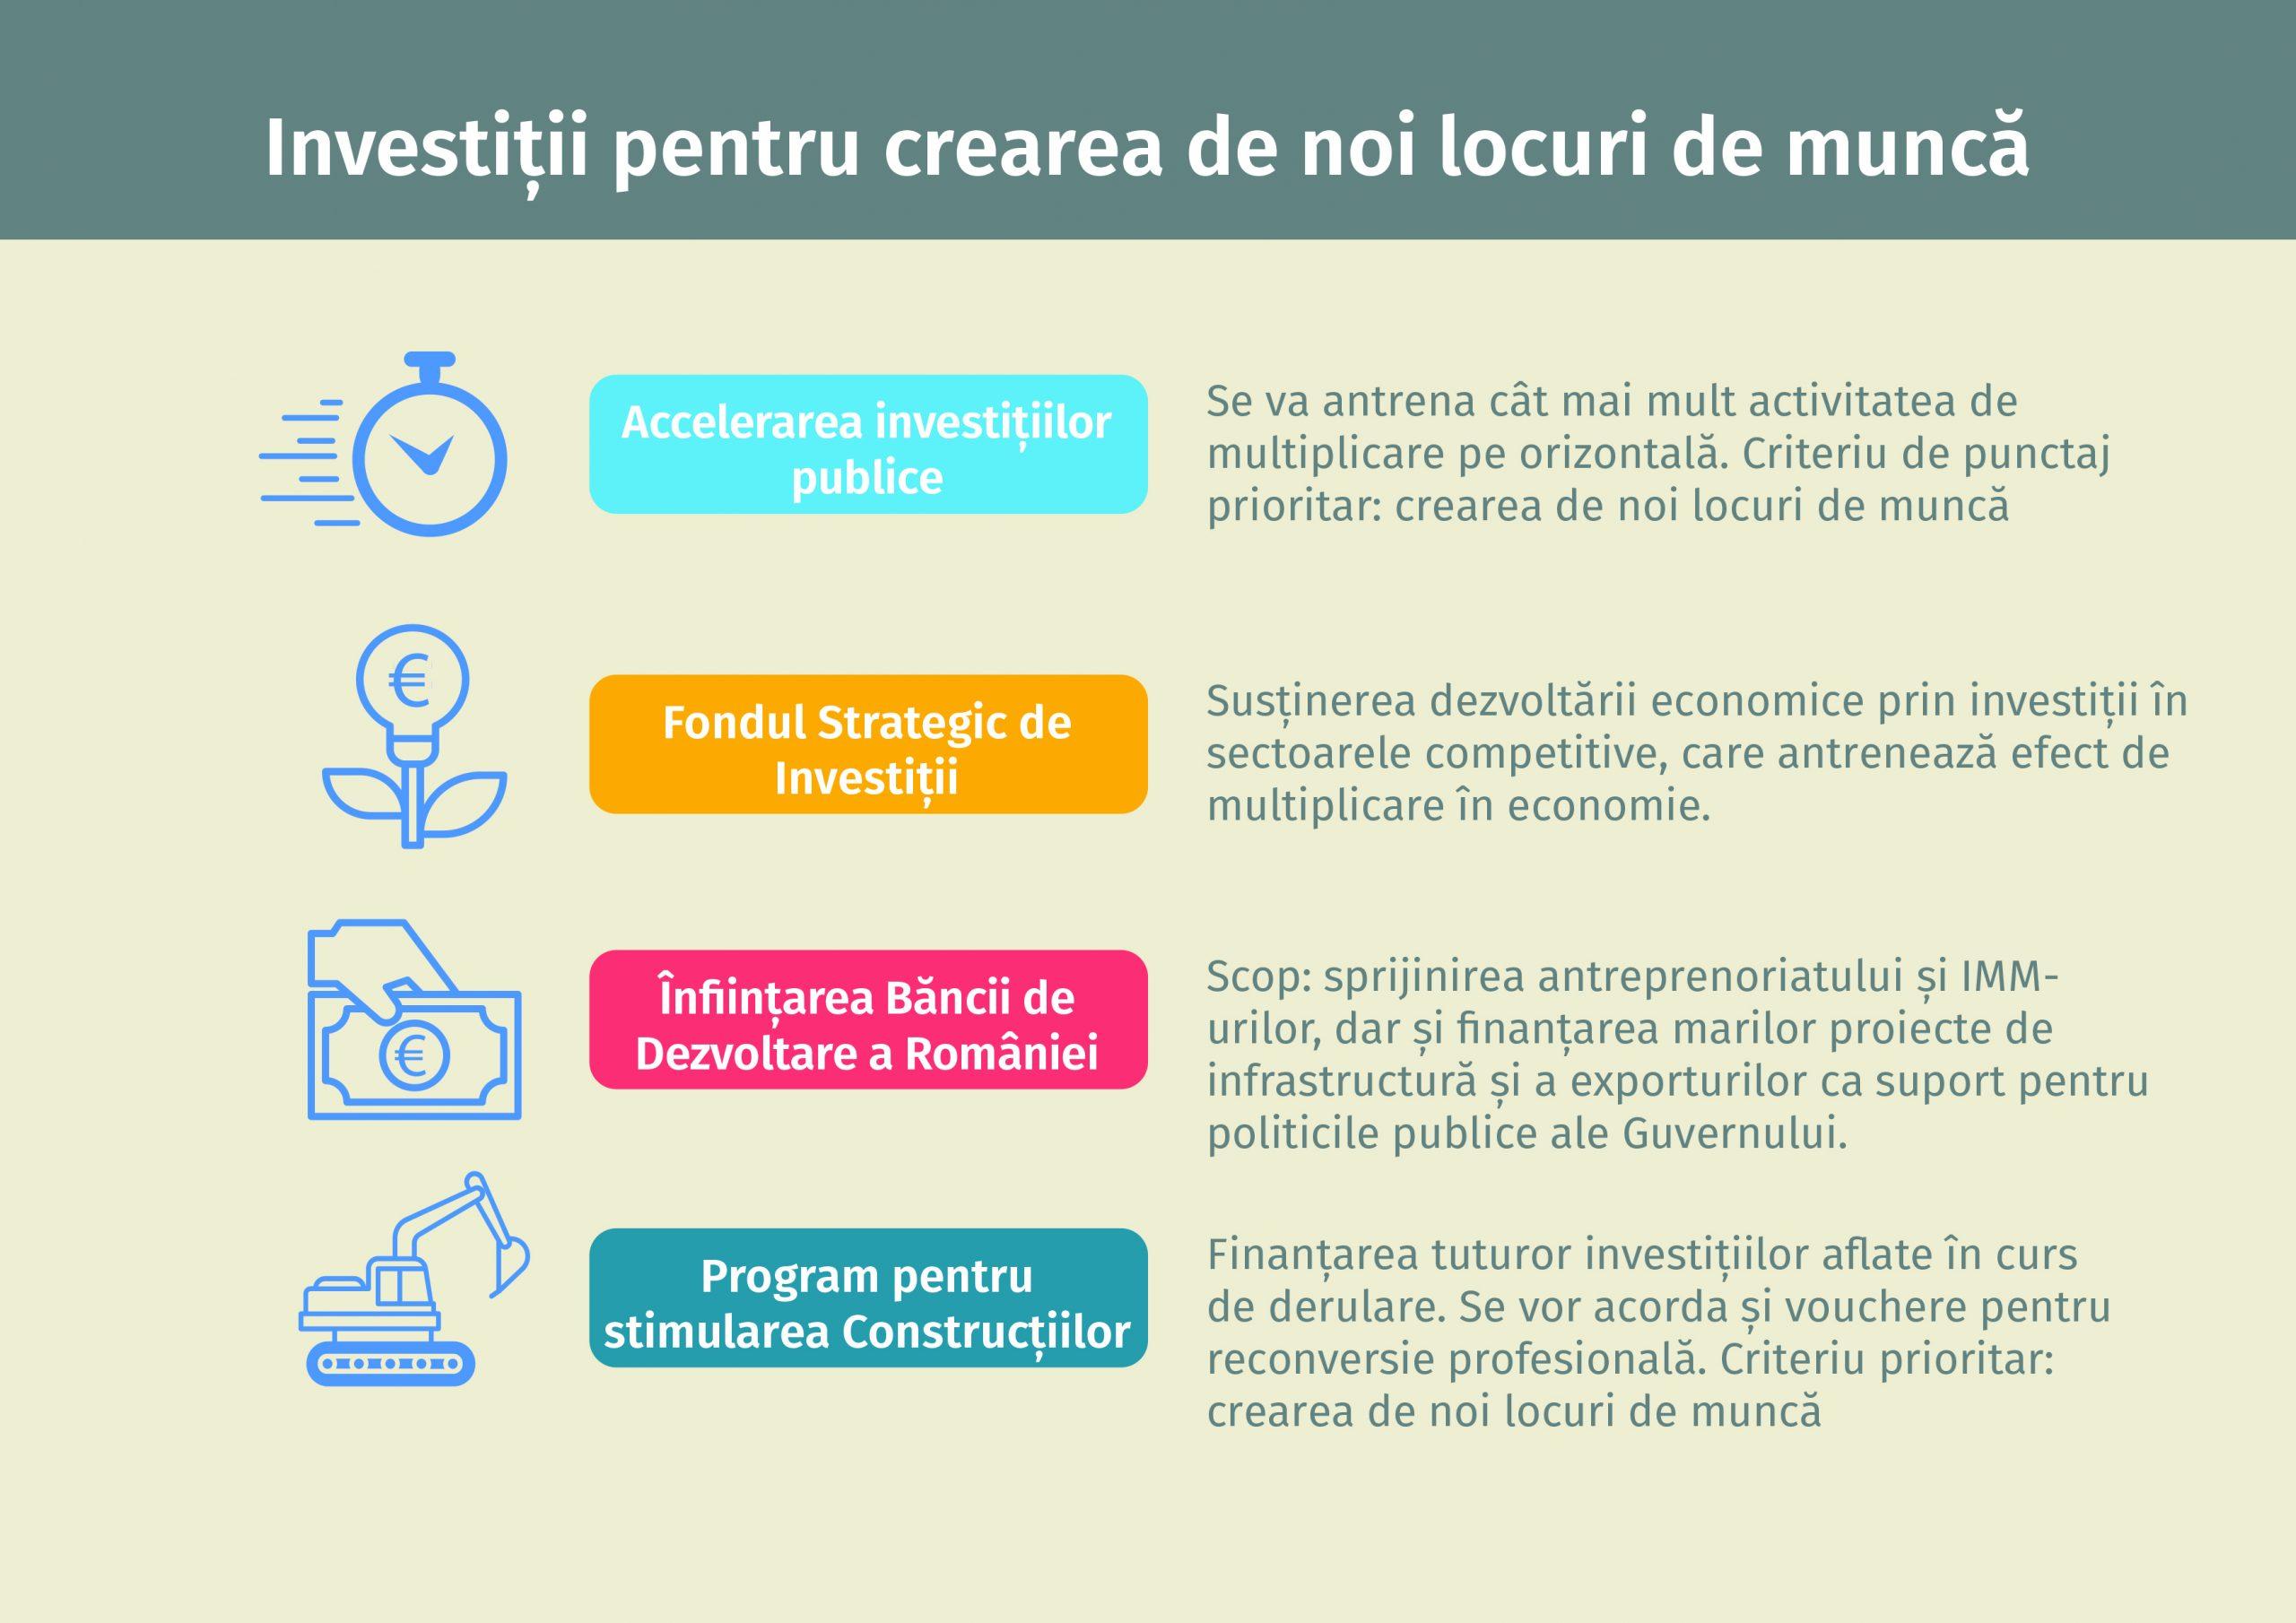 fond de dezvoltare a investițiilor pe internet)